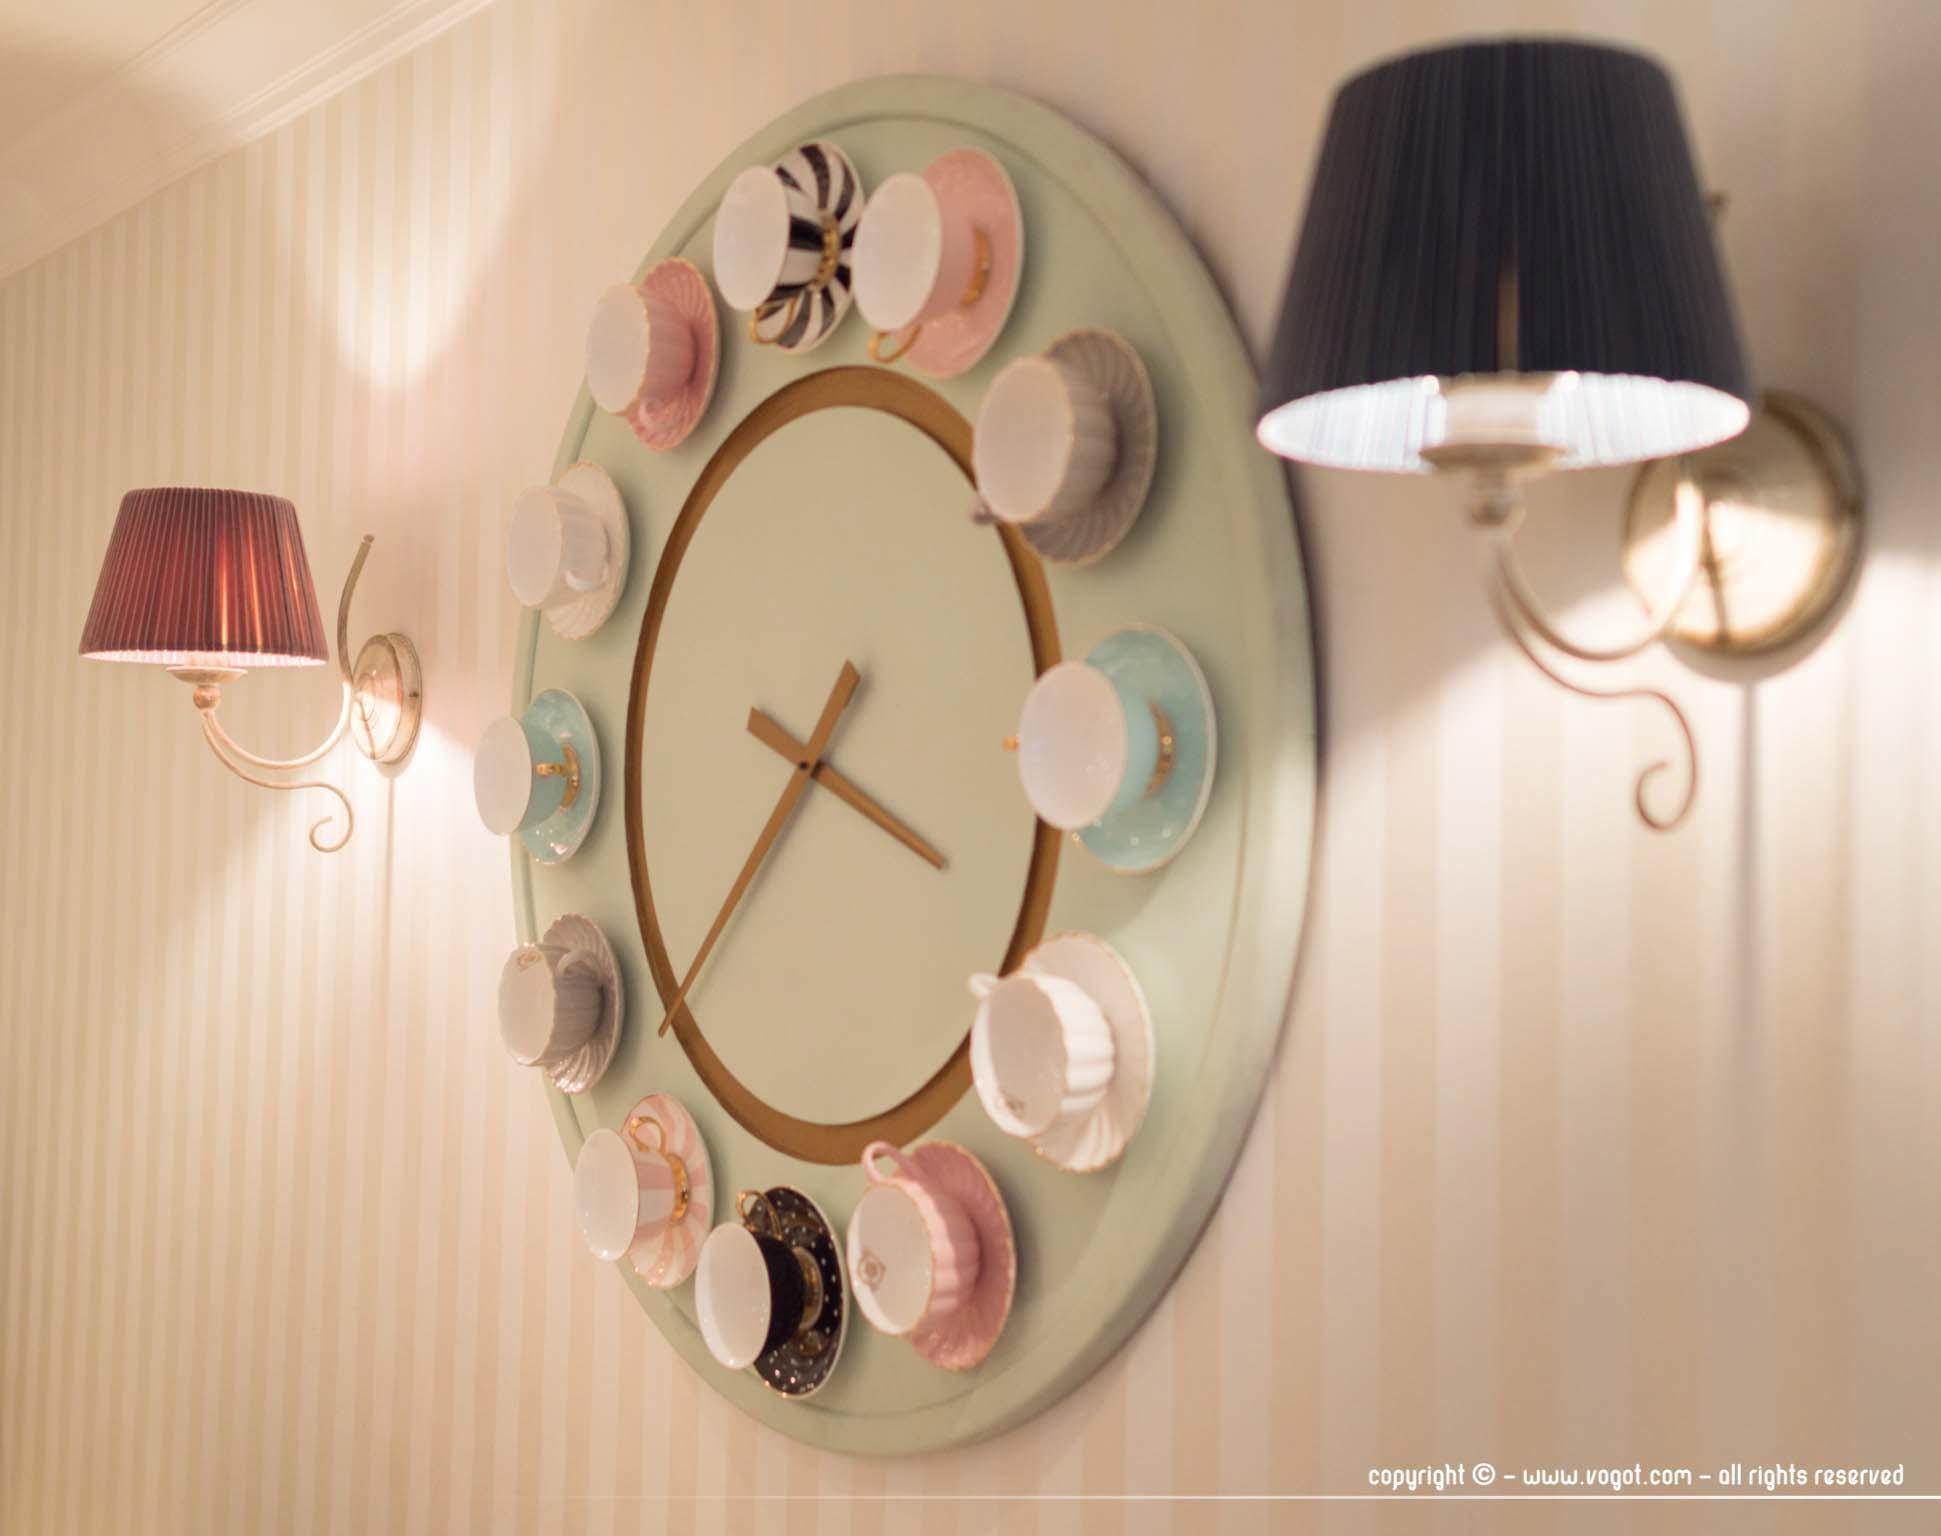 intérieur de Pinavija avec l'horloge en tasses de porcelaine - Vilnius